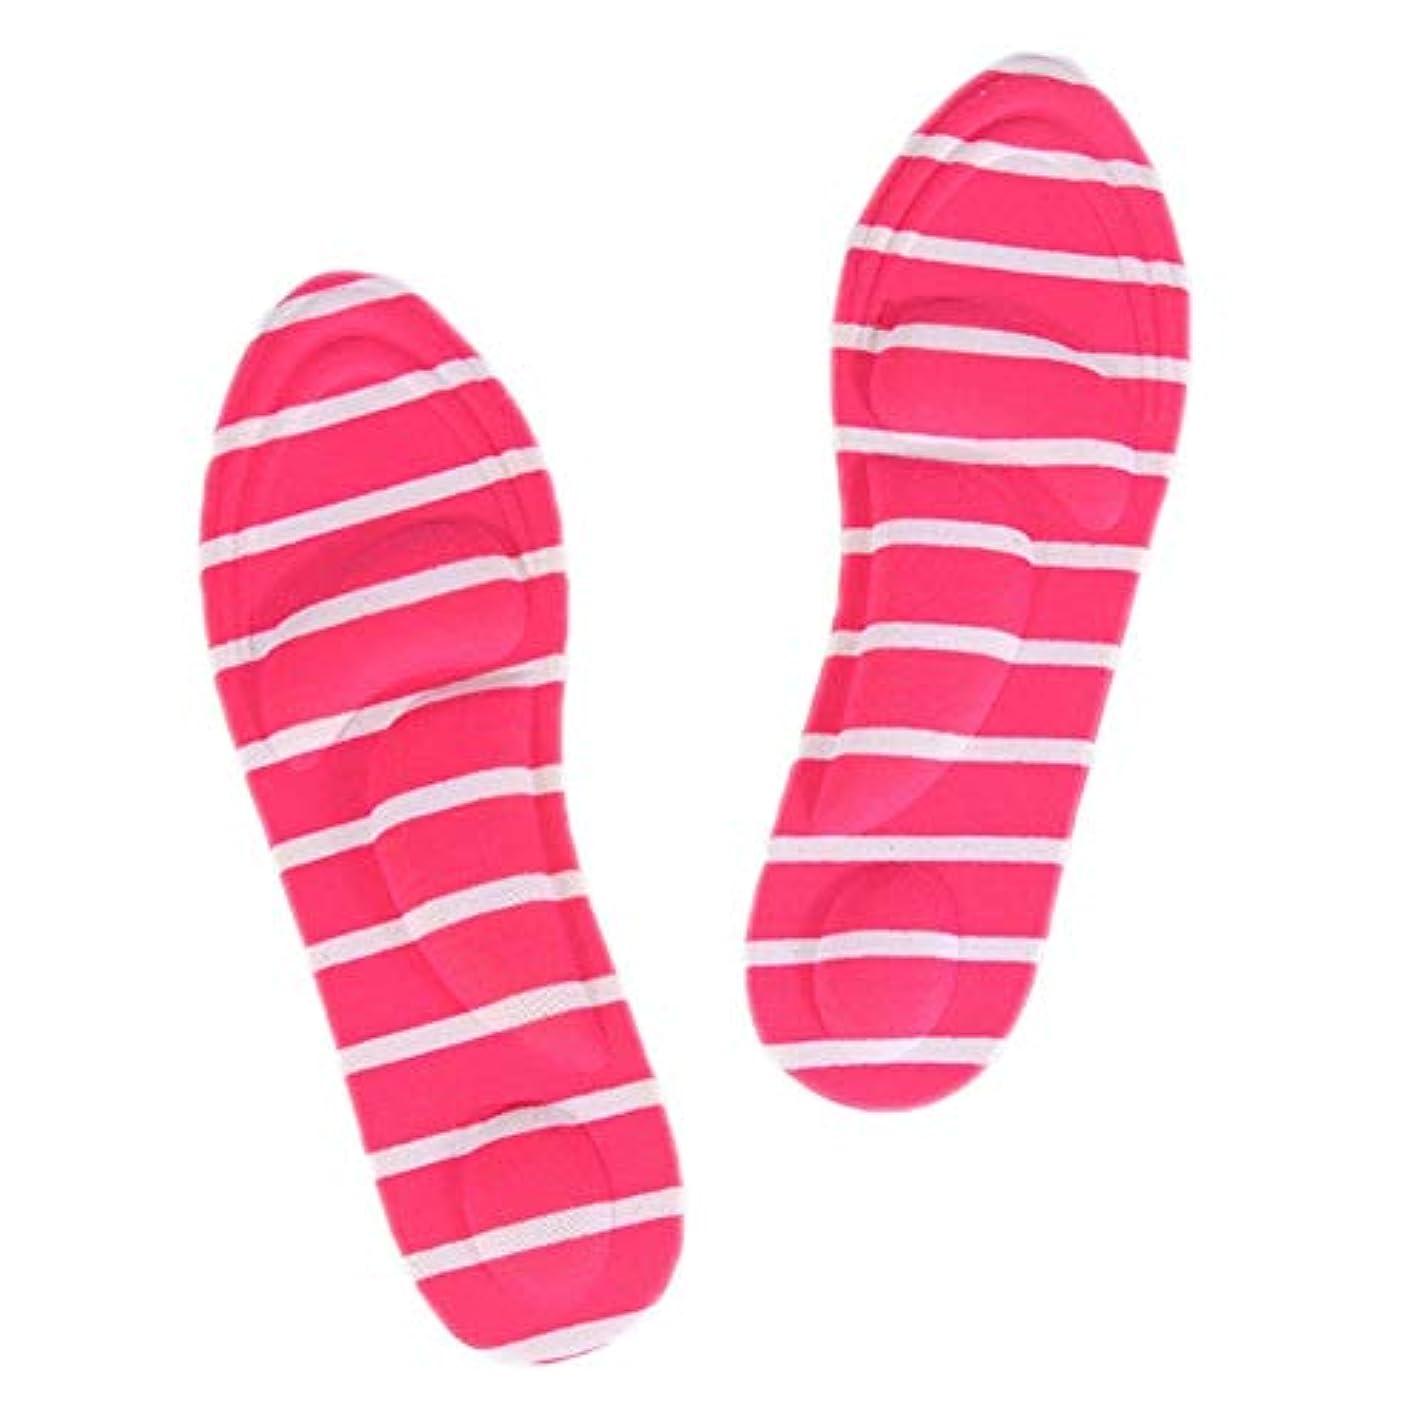 バーティッシュカウンタBixiangji 1ペア4Dスポーツスポンジソフトインソールハイヒールシューパッド痛み緩和アーチサポートクッション (Color : Rose red stripes)